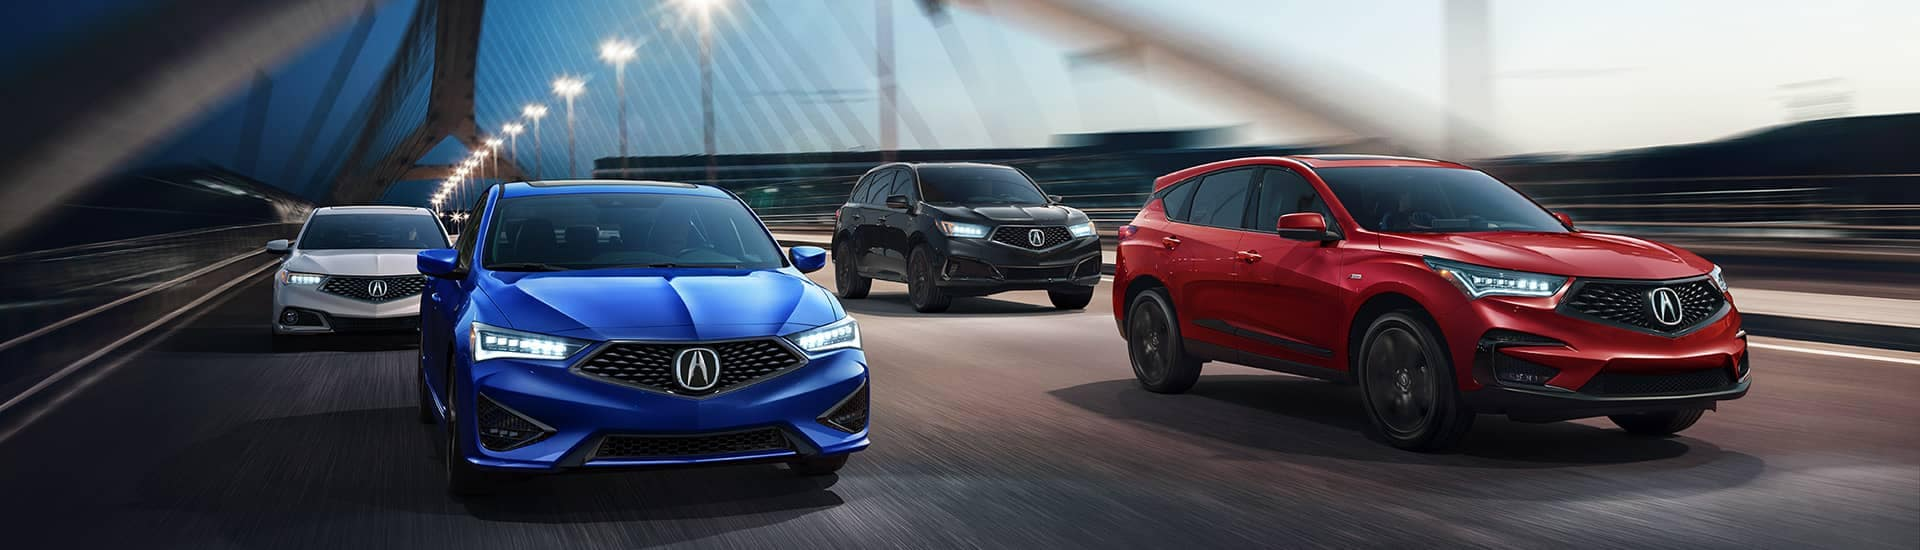 2019 Acura models on bridge